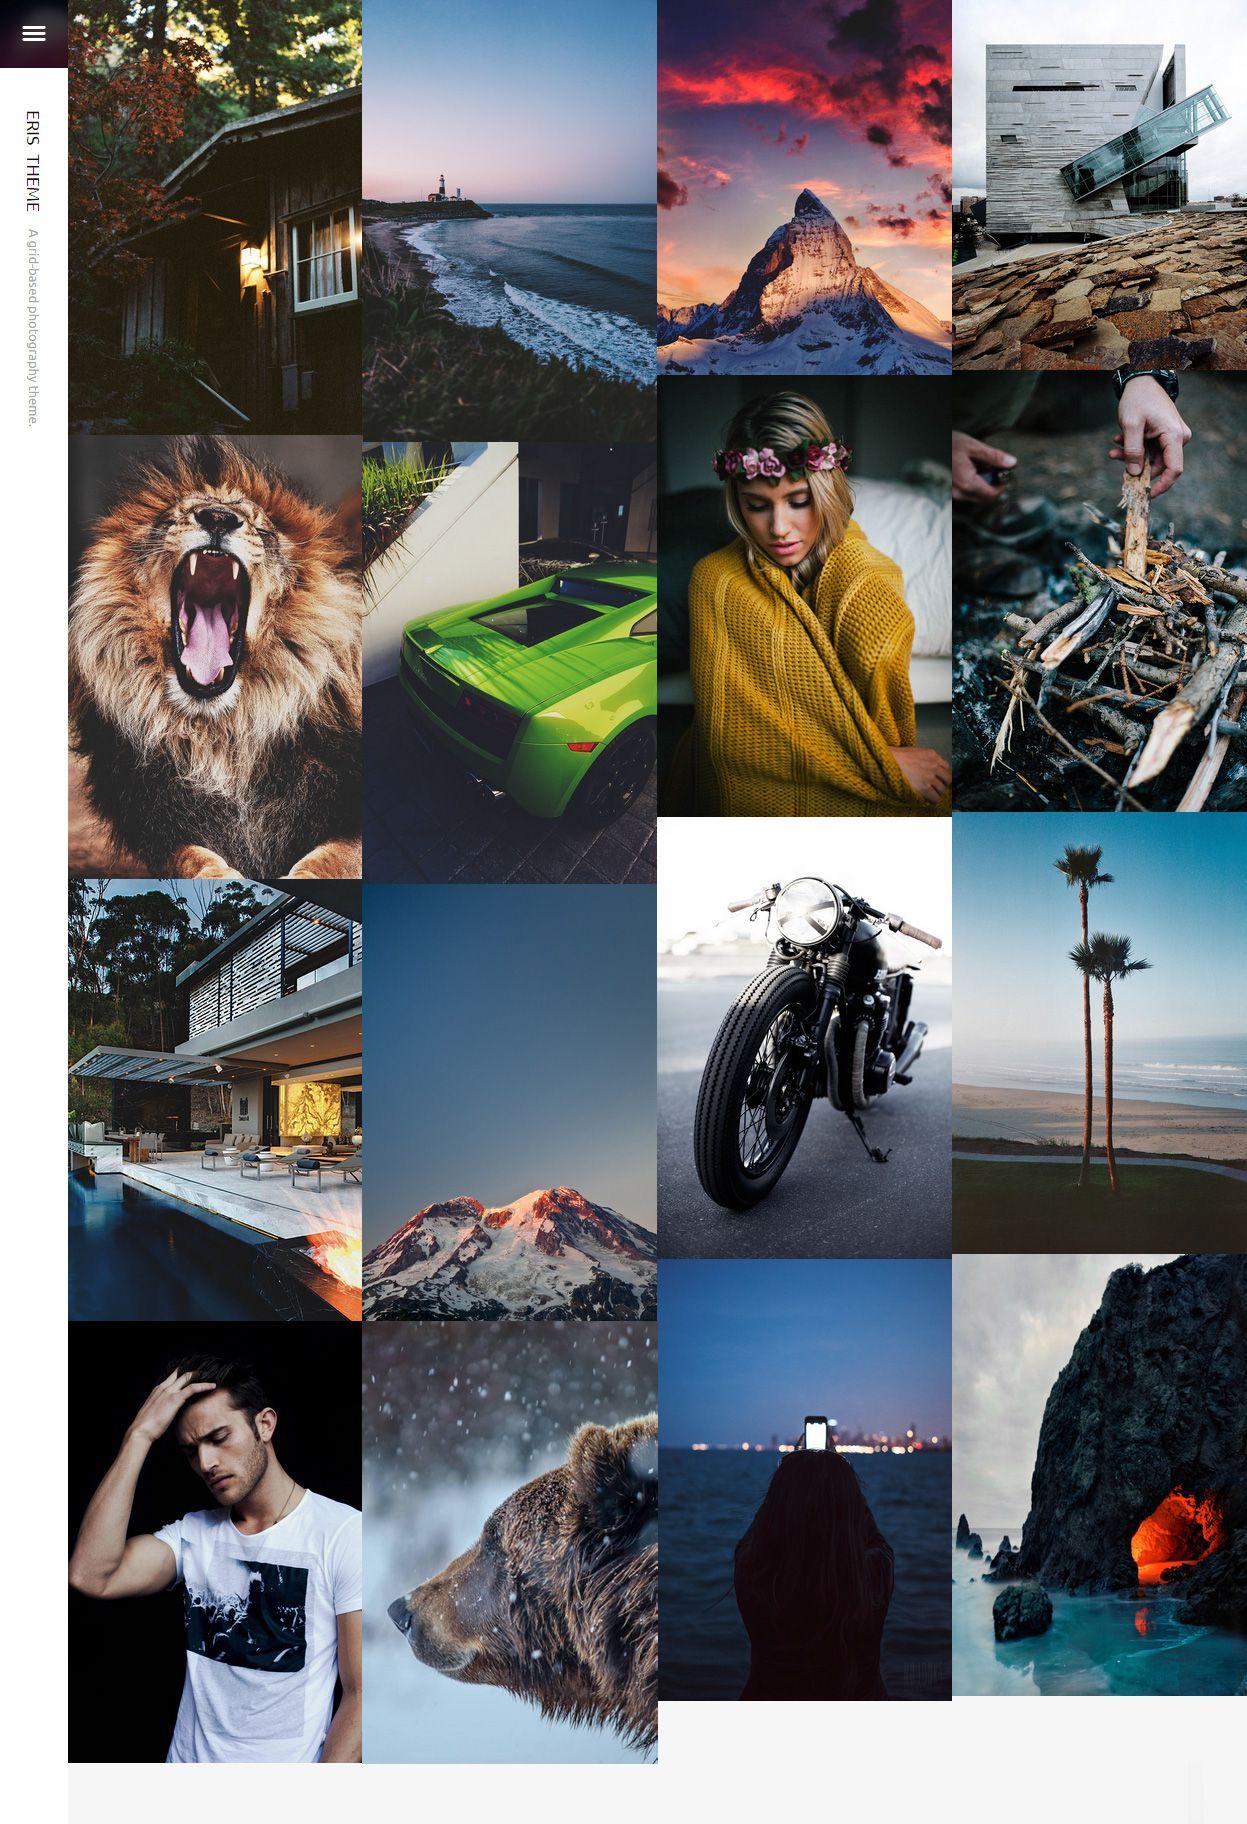 Eris - Premium Responsive Photography Tumblr Theme | Tumblr